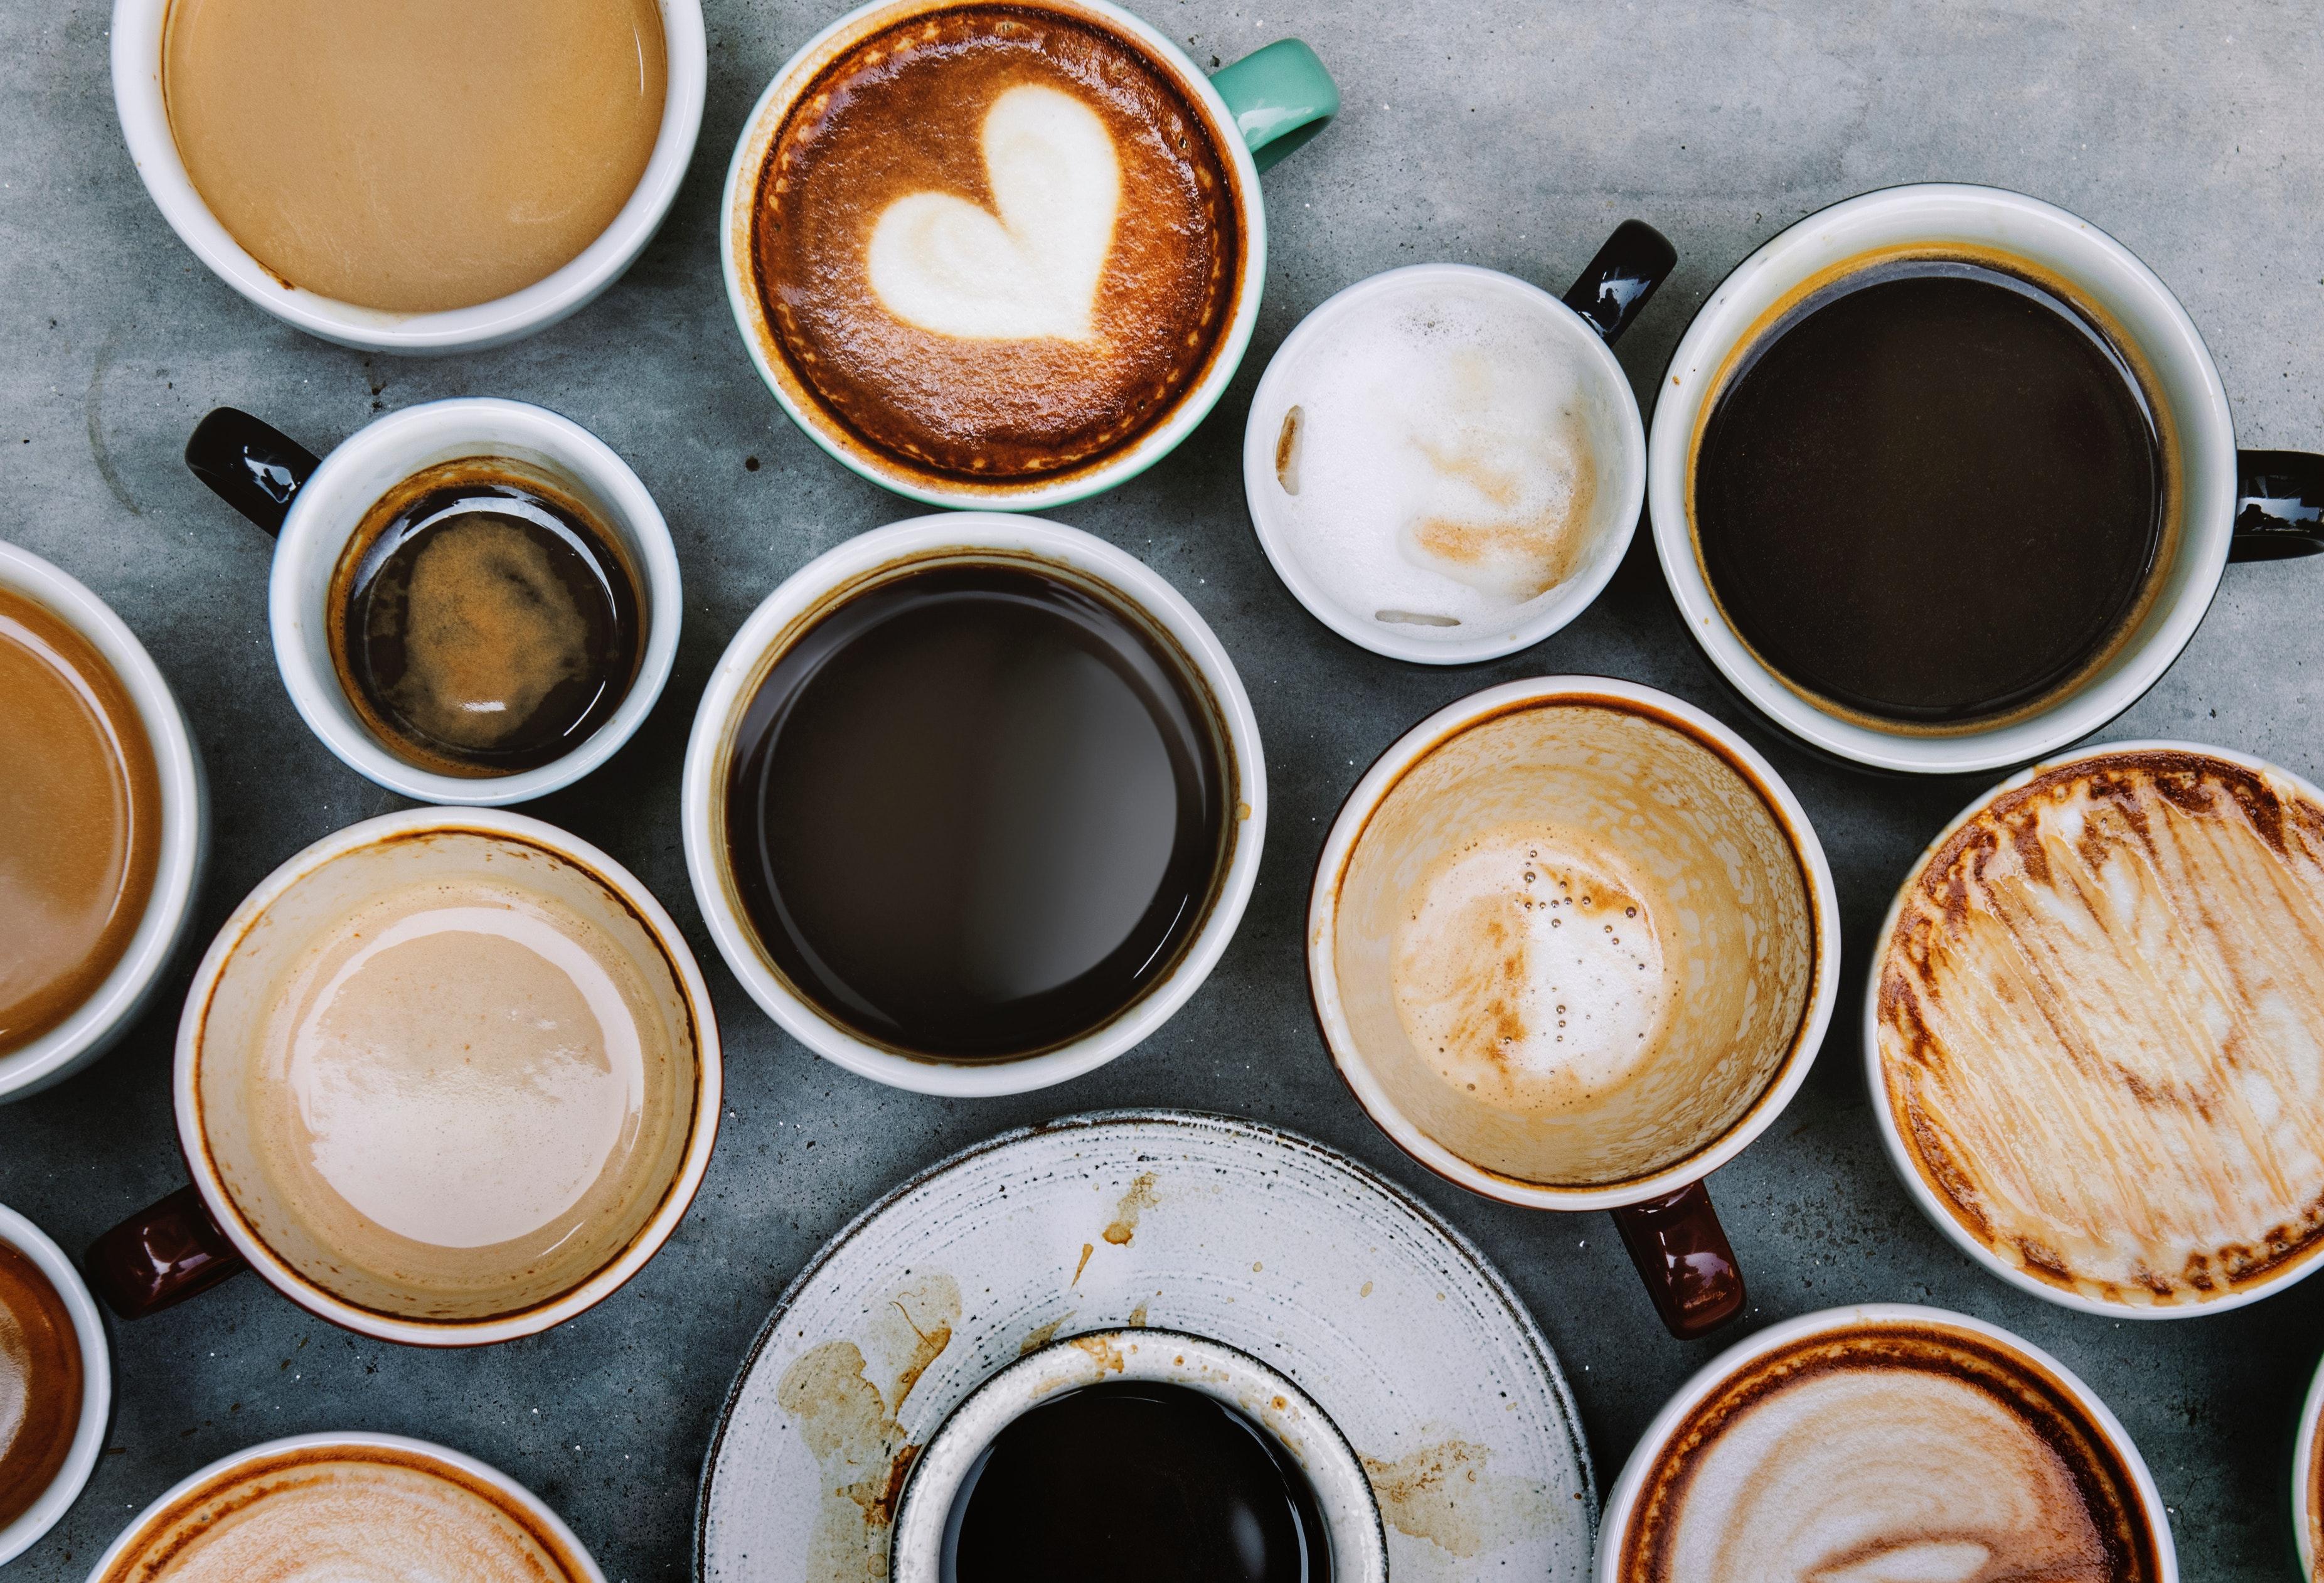 10 ประโยชน์ของกาแฟ ดื่มอย่างไรให้มีประโยชน์ ?